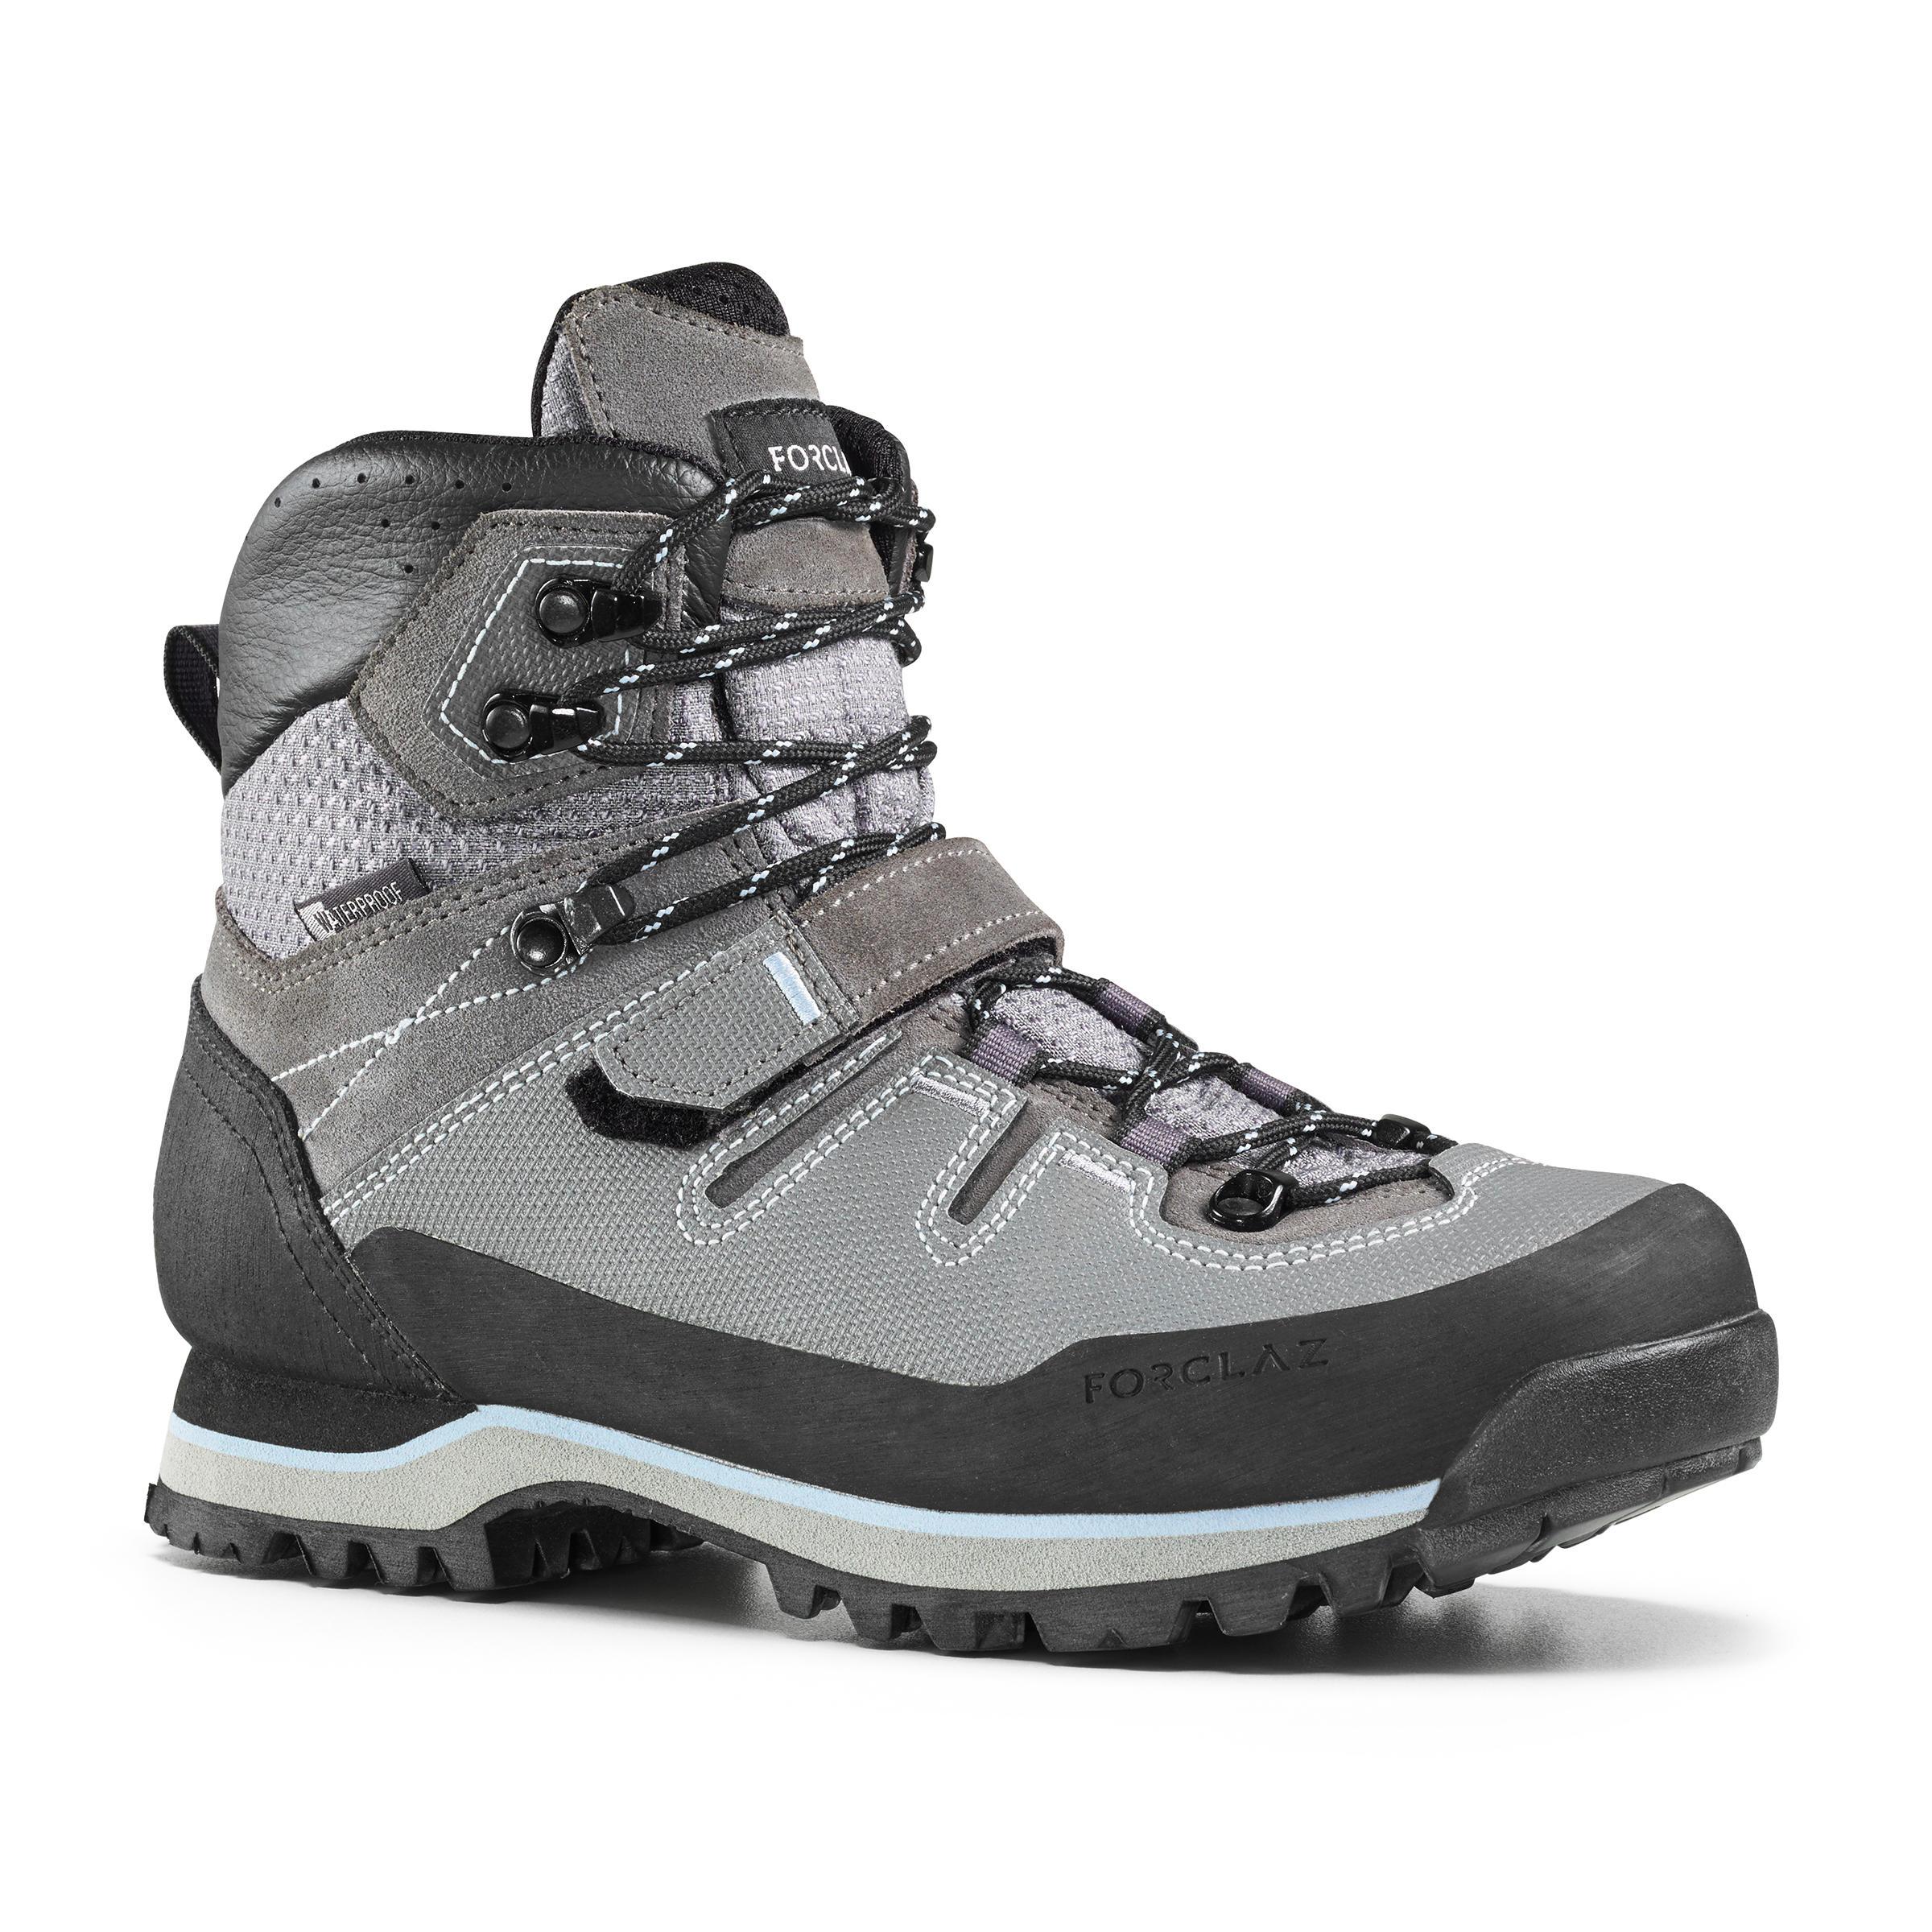 Forclaz Trekkingschoenen voor in de bergen Trek 700 dames